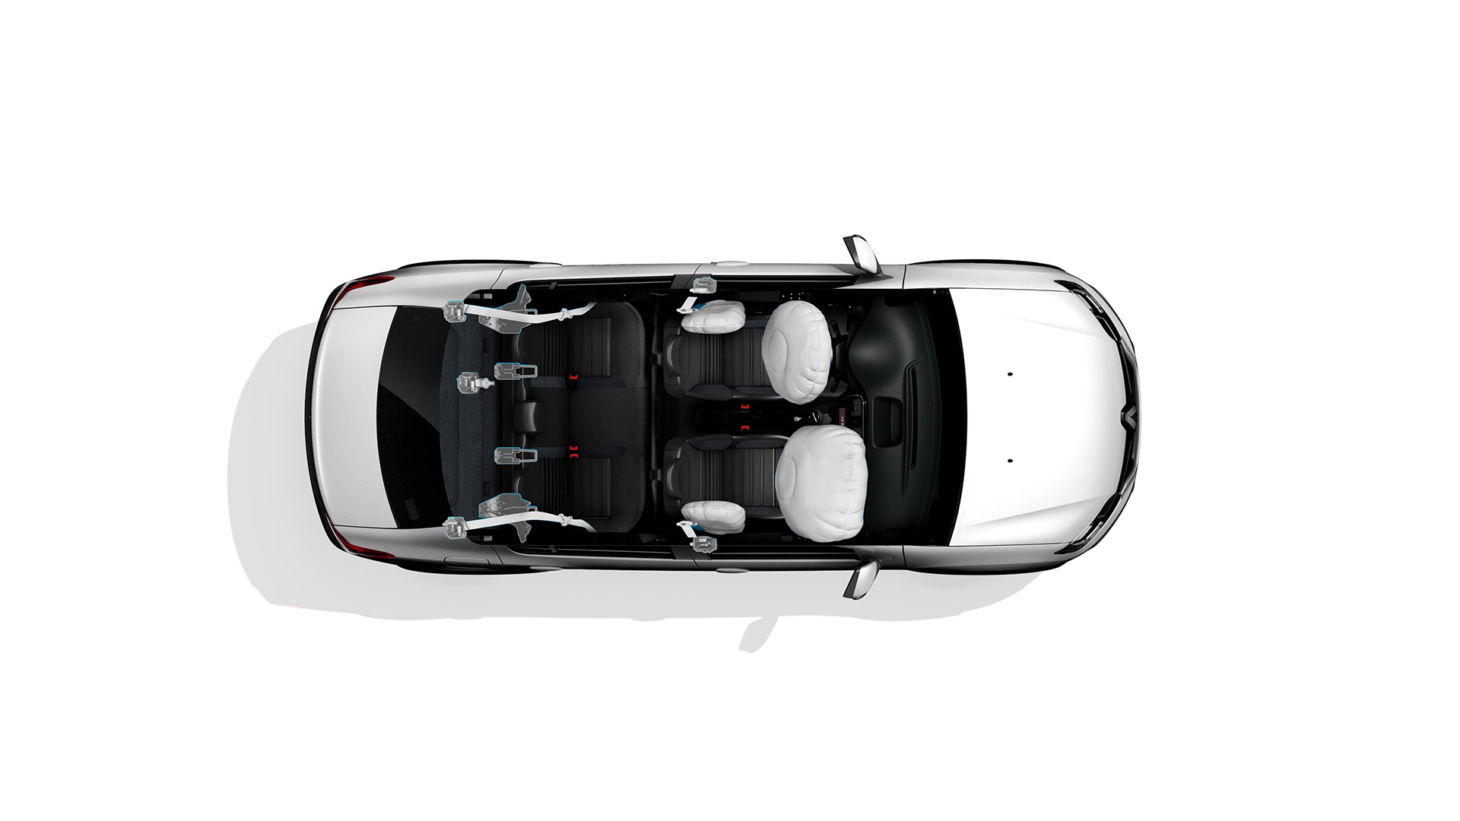 airbag logan renault divulgacao